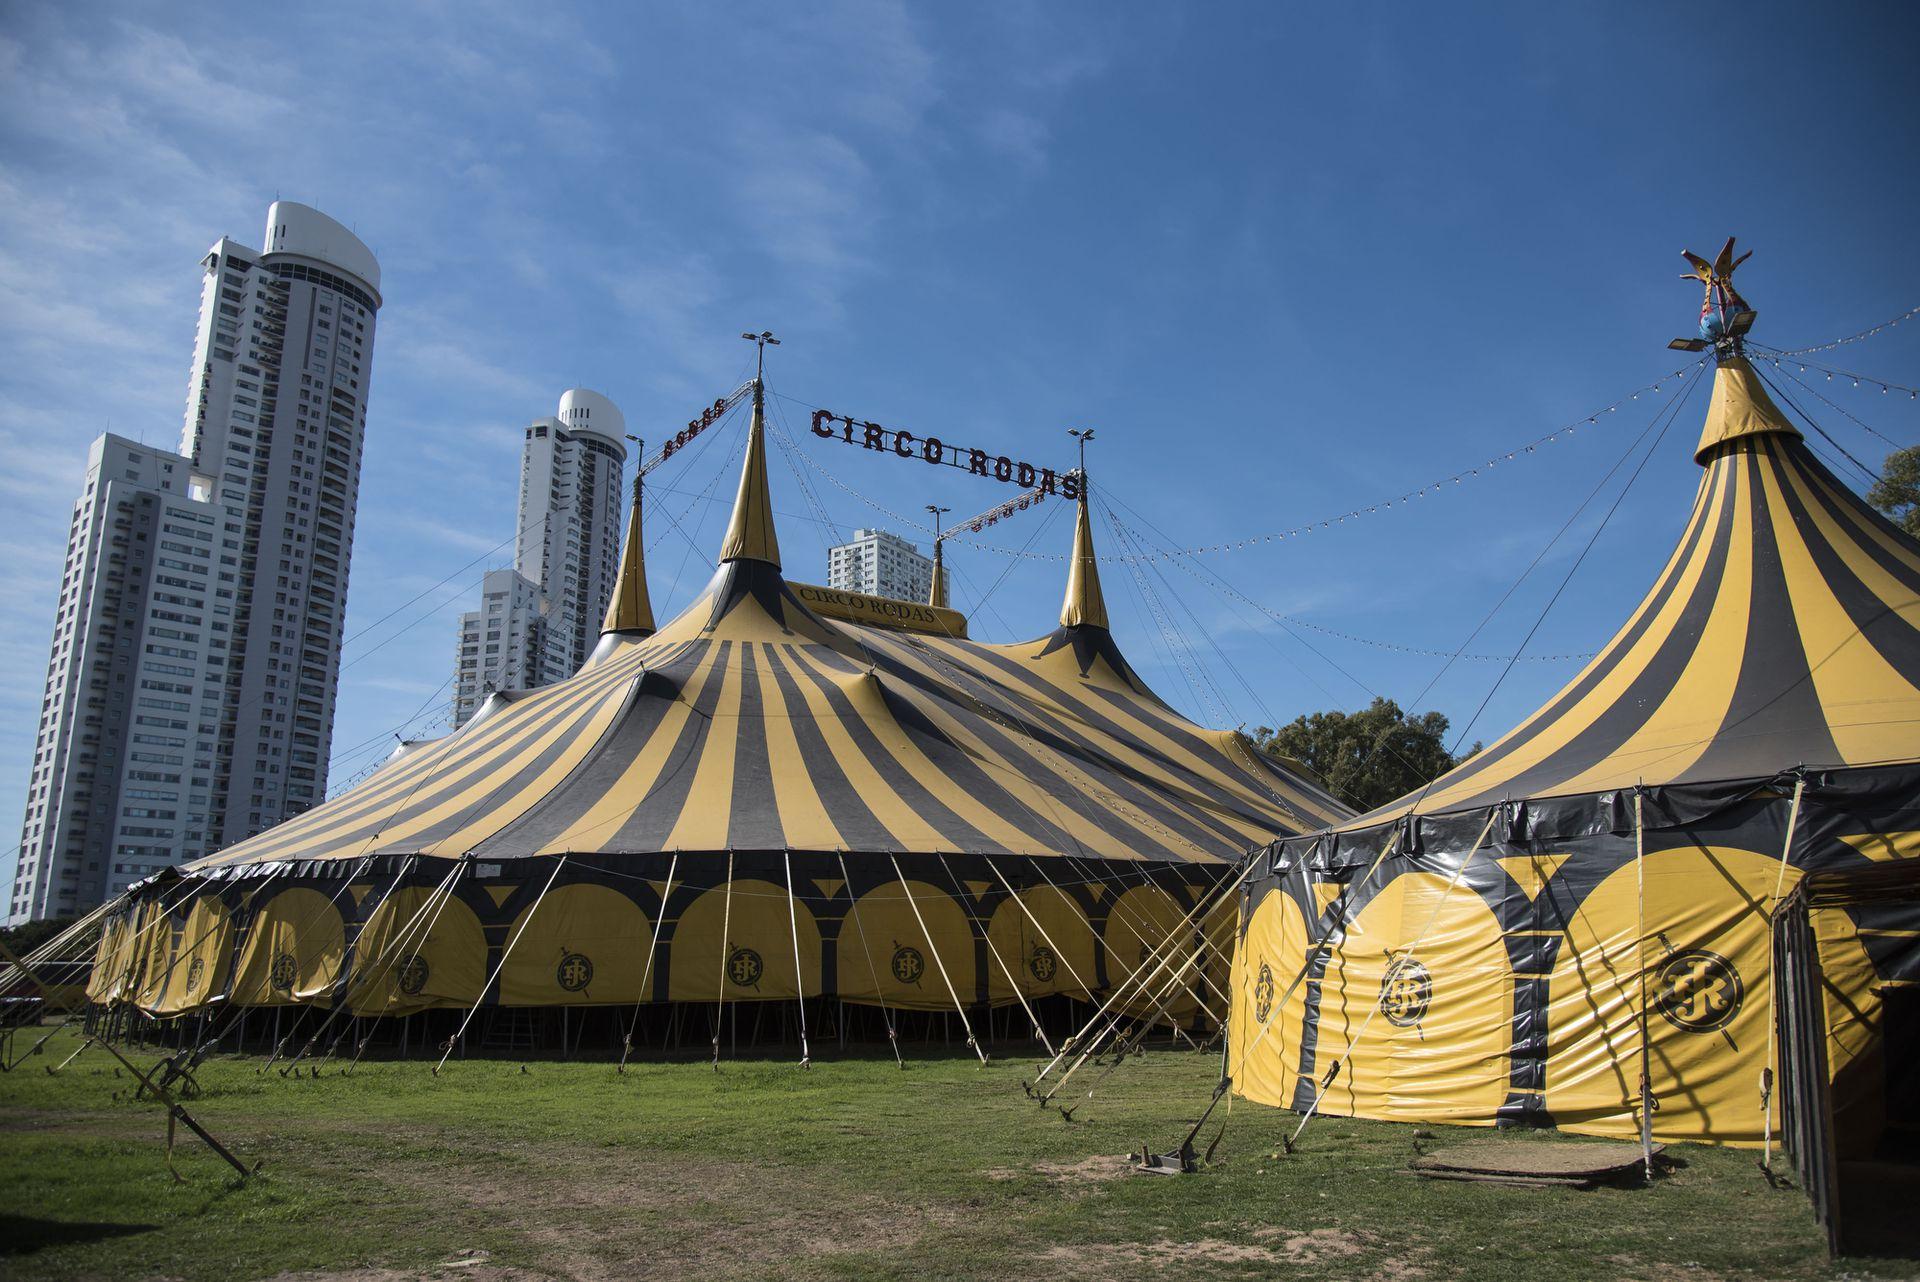 El circo Rodas hoy funciona como un centro de testeos gratuitos frente al Monumento a la Bandera, en Rosario